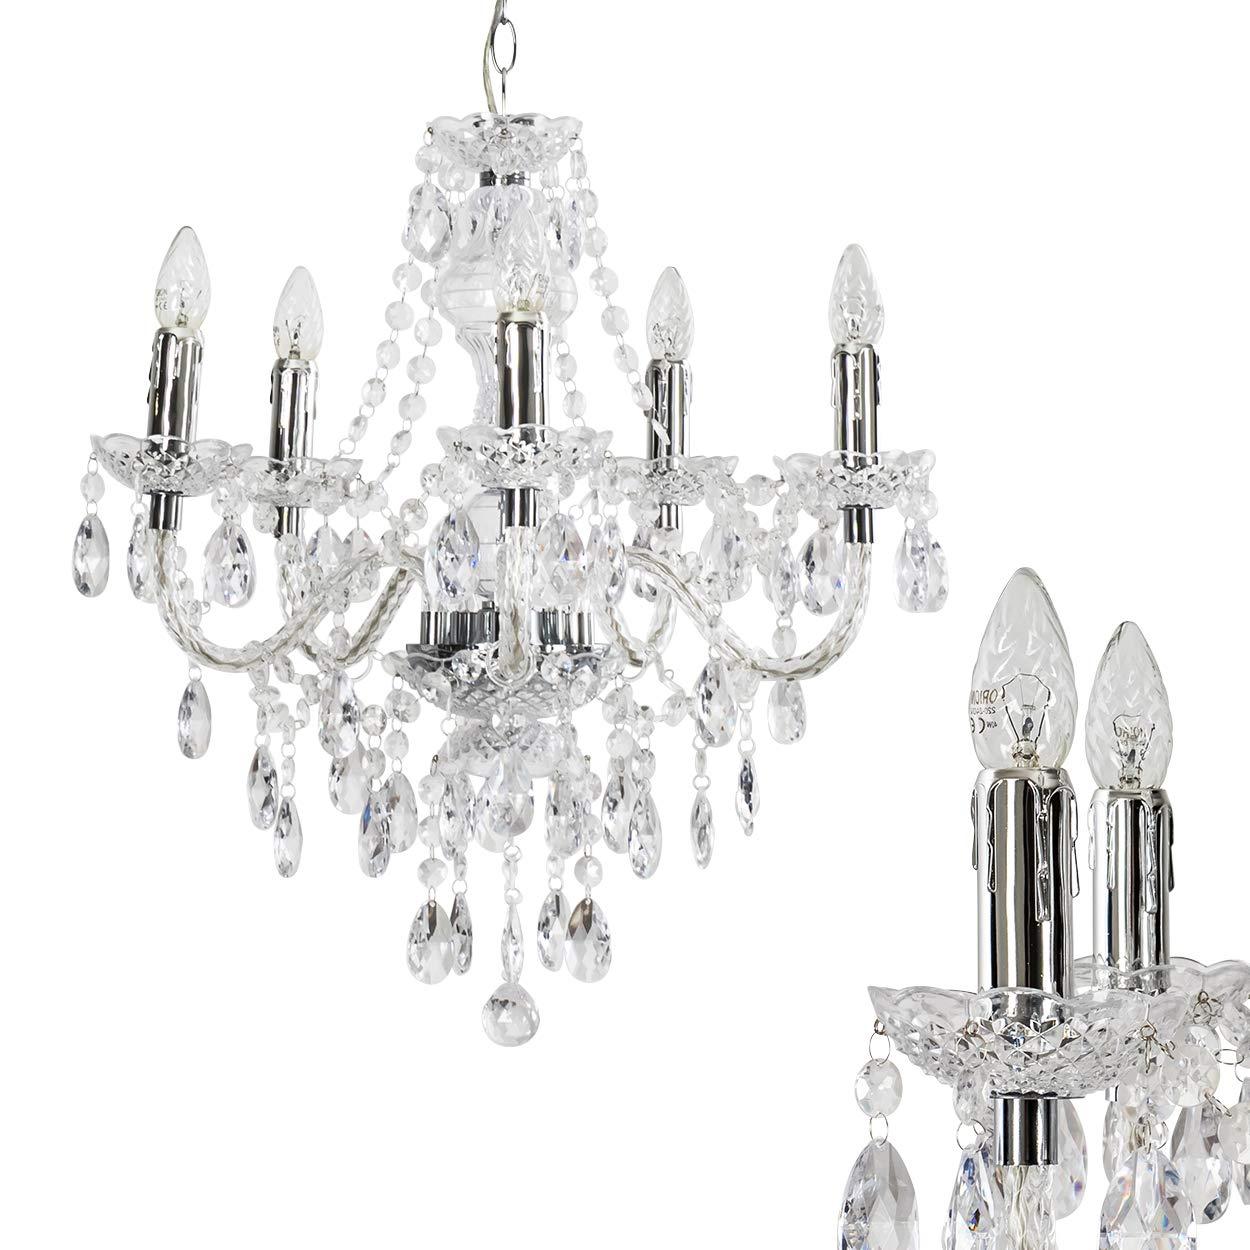 Kronleuchter aus Acryl klar - Klassische Hängeleuchte für Esszimmer - Wohnzimmer - Schlafzimmer - Flur - Aufhängungshöhe kann geändert werden hofstein H206